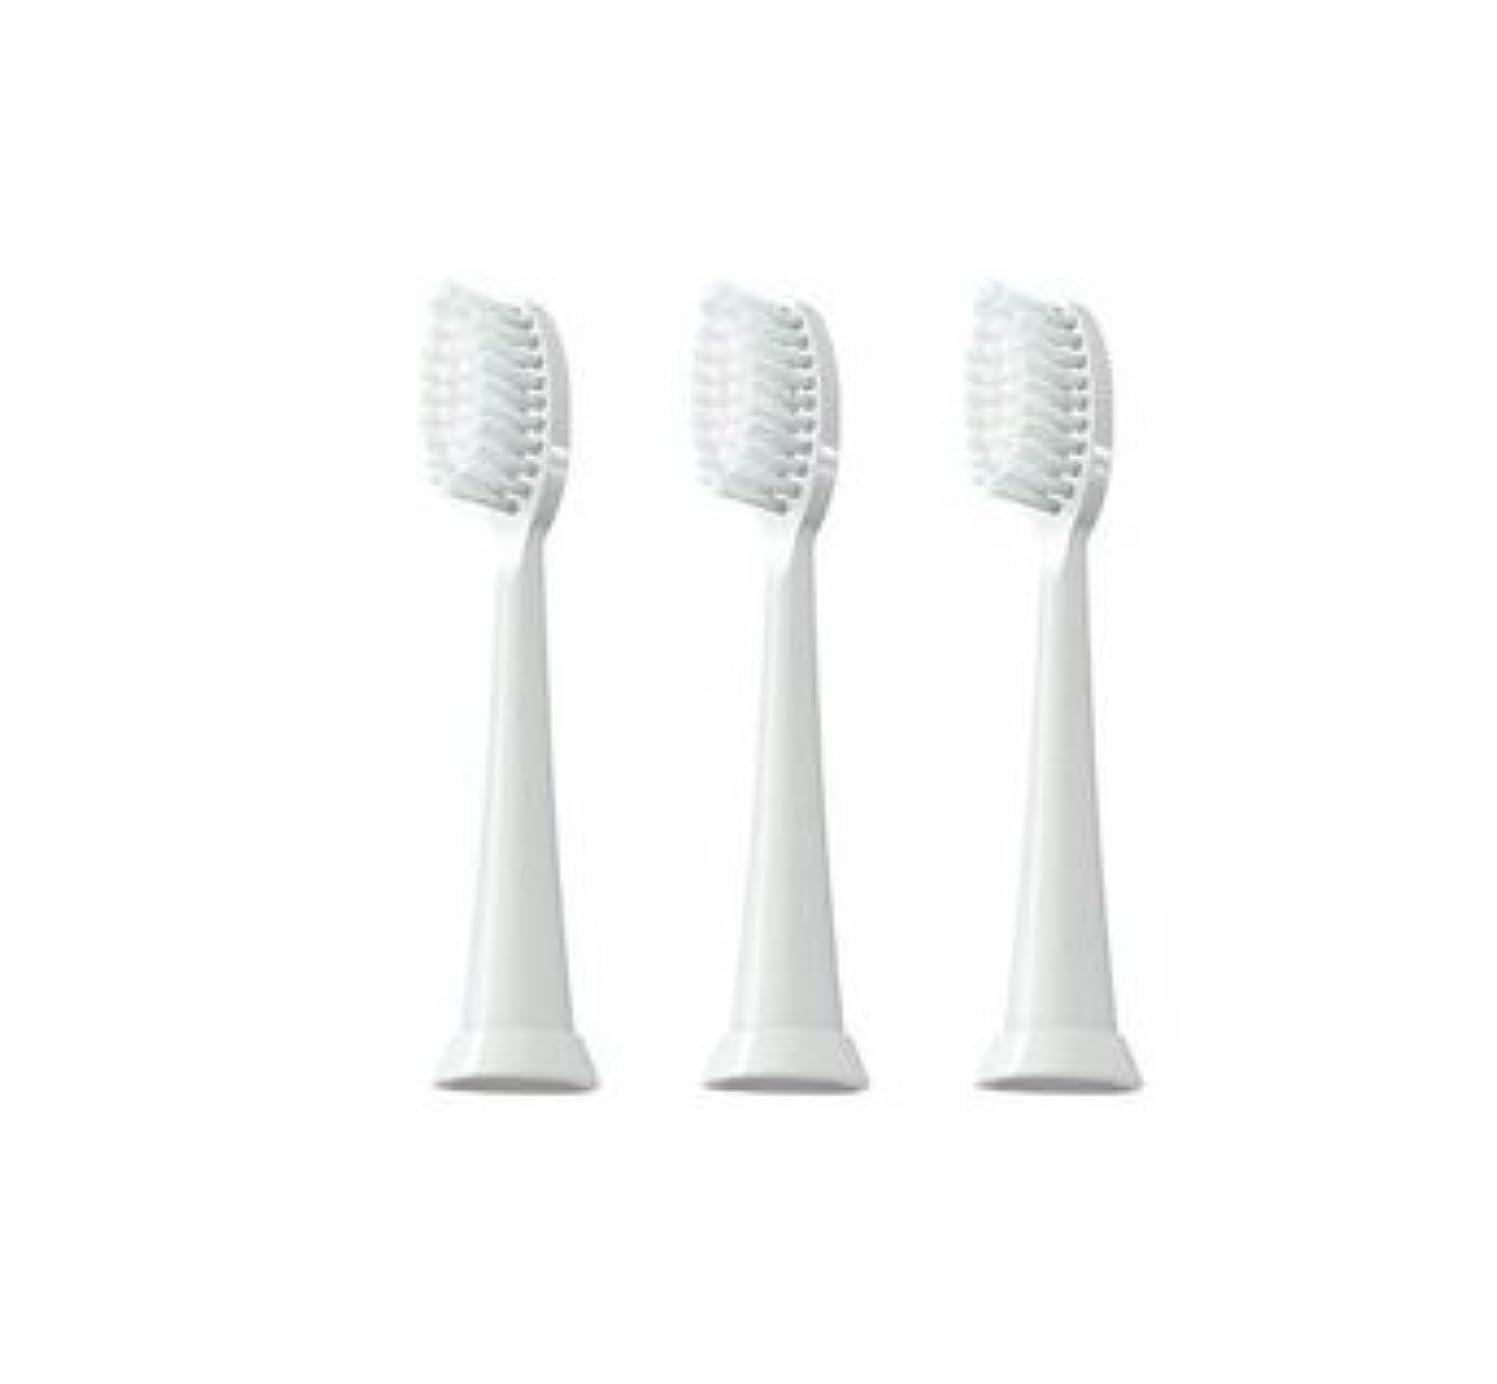 宿命弓吸うTAO Clean 電動歯ブラシ用【替えブラシ 3本セット】(ホワイト)通常はメール便にて発送します。